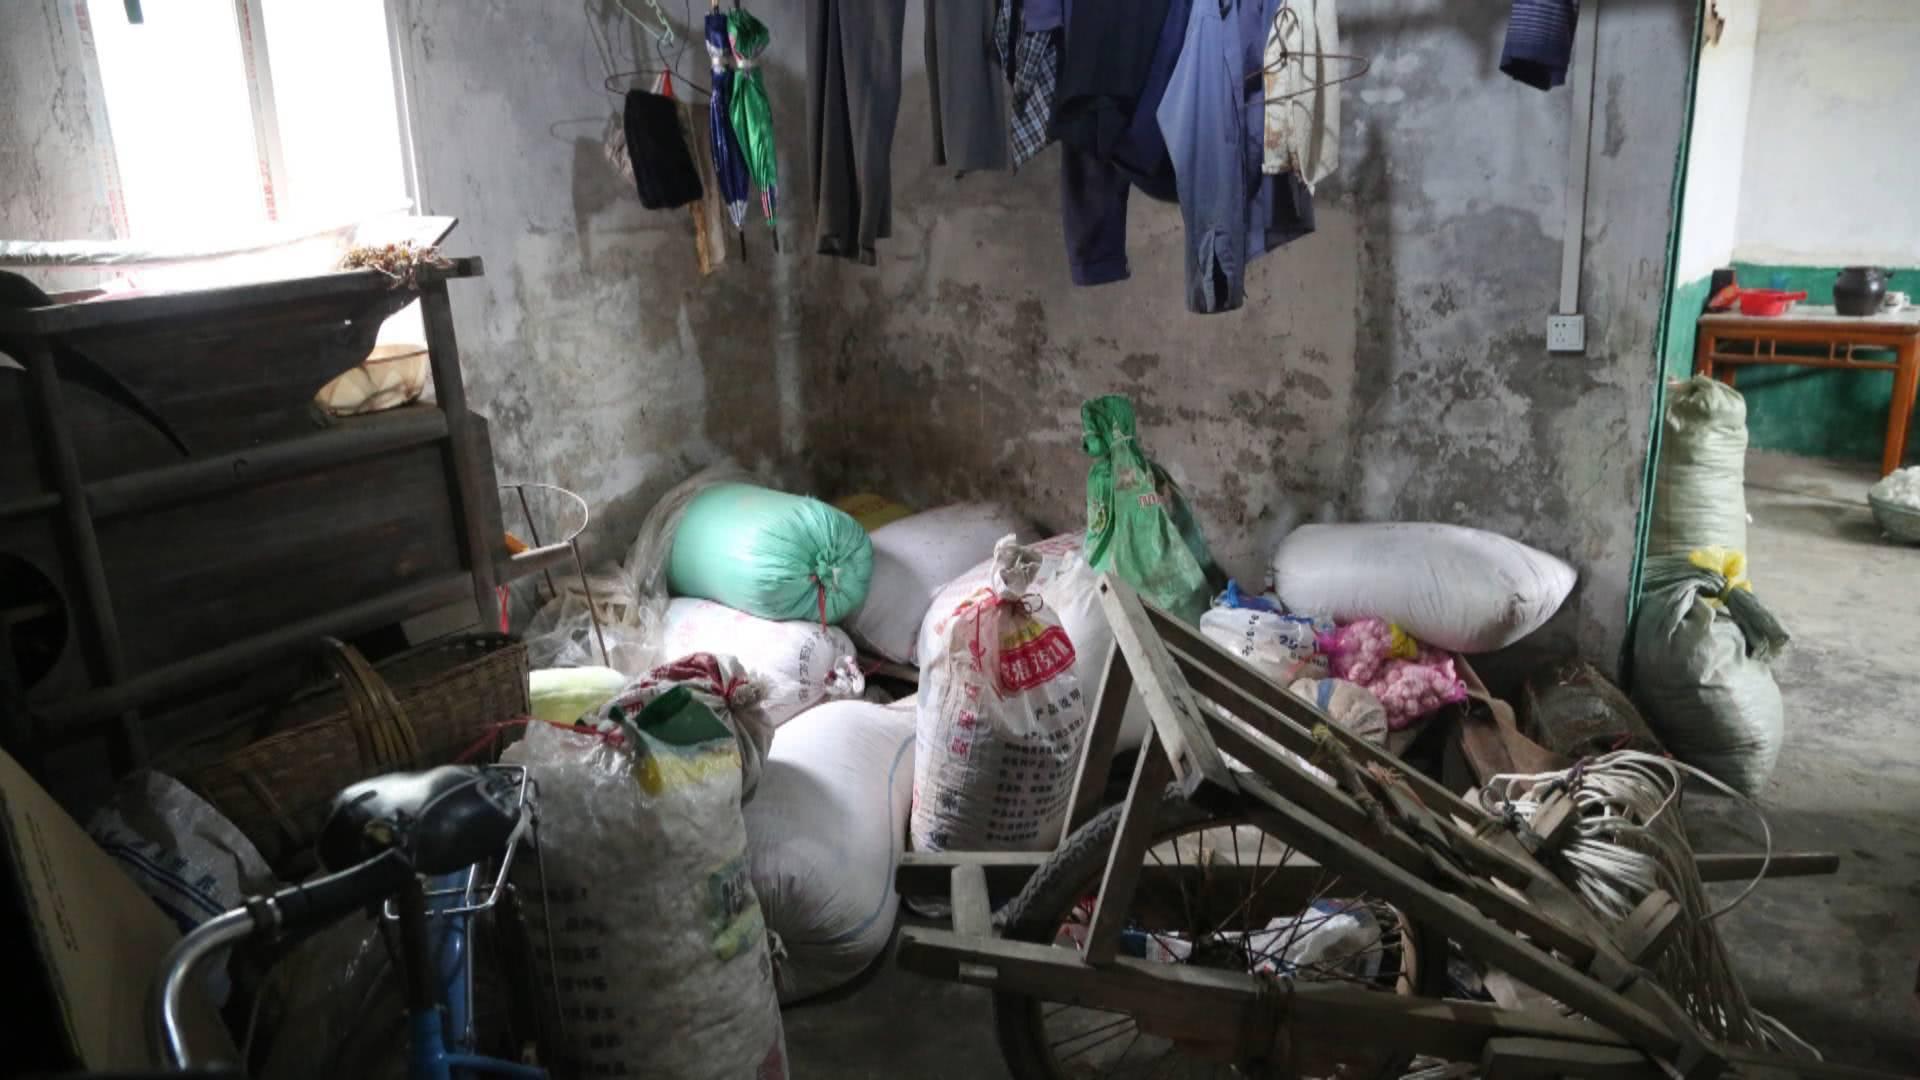 村民将165万现金藏谷堆 一顿饭工夫钱竟不翼而飞